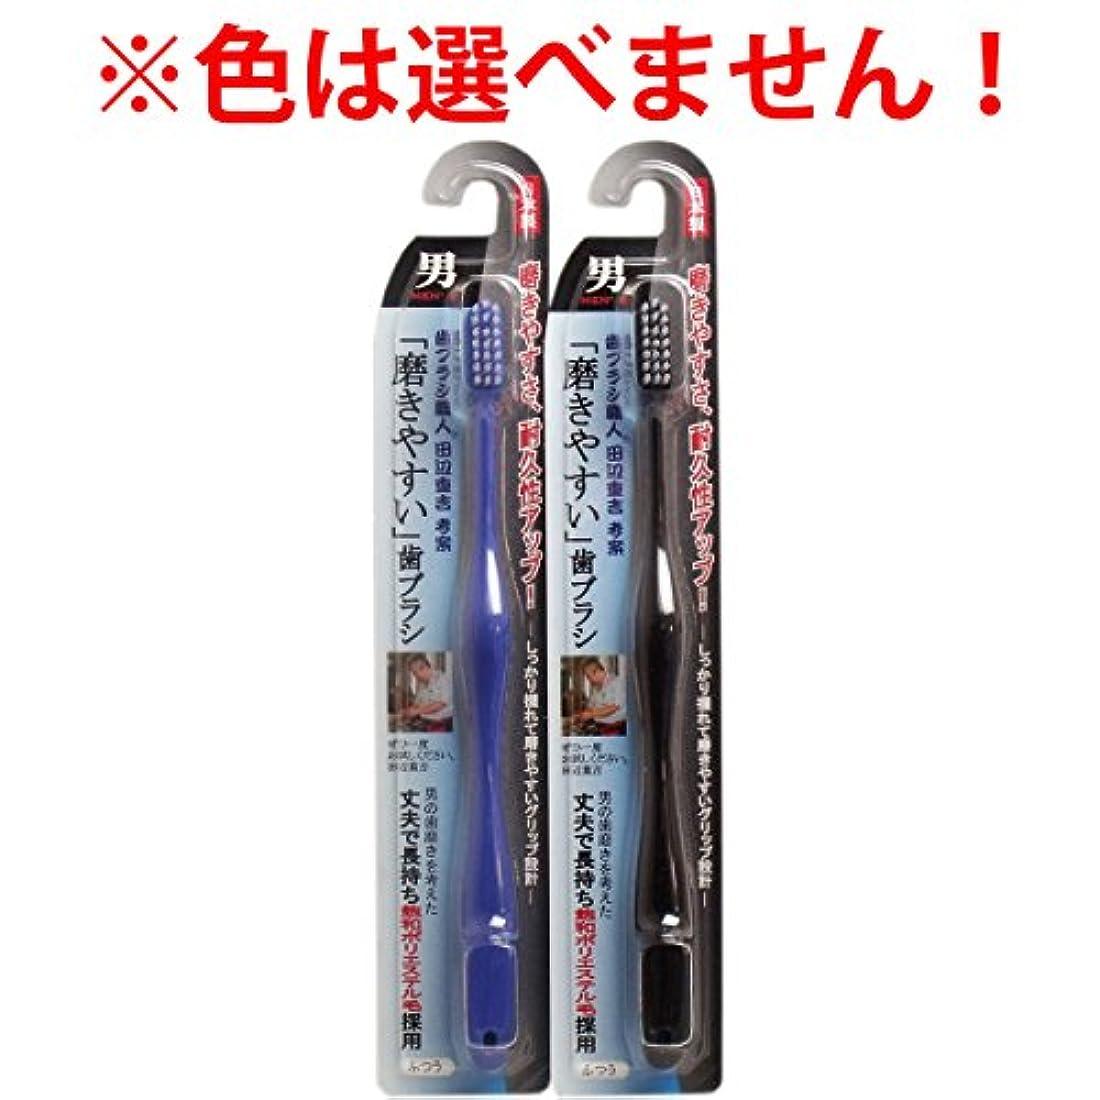 ハッピーピアース機構ライフレンジ 「磨きやすい」歯ブラシ男 LT-08 1本